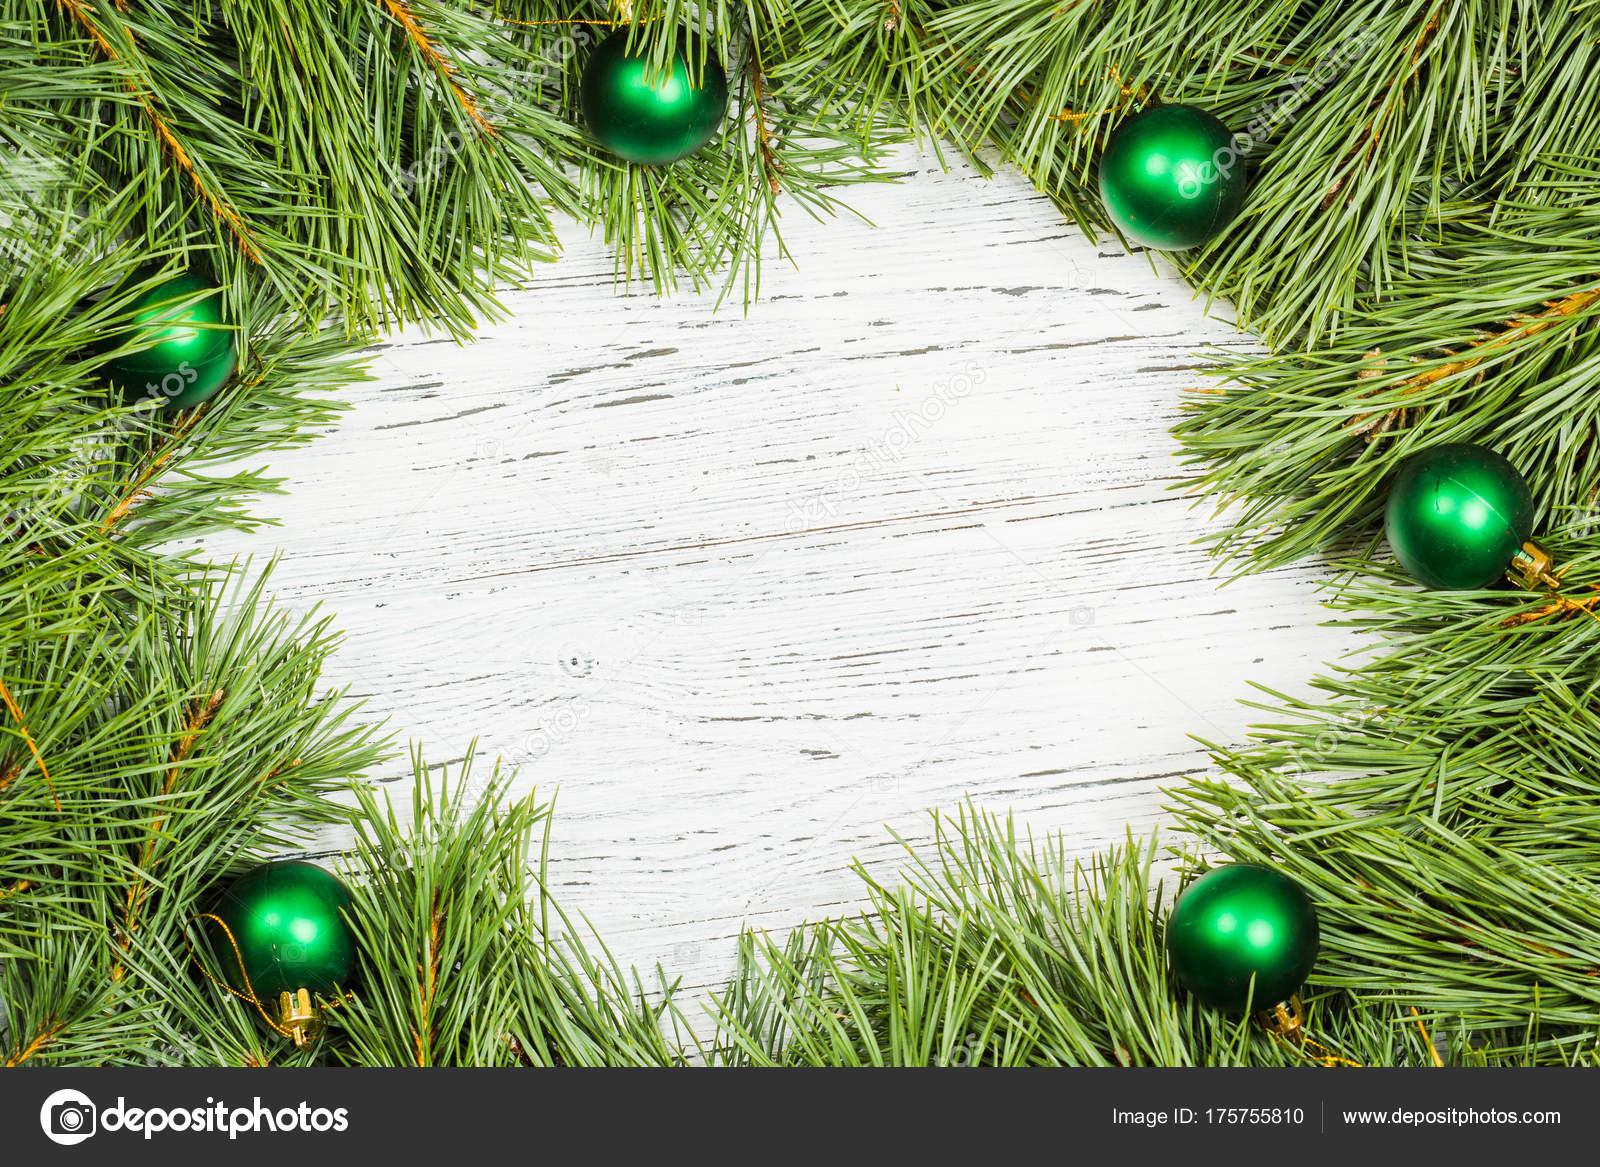 Fotos marcos para motivos navide os marco de ramas de for Adornos navidenos 2017 trackid sp 006